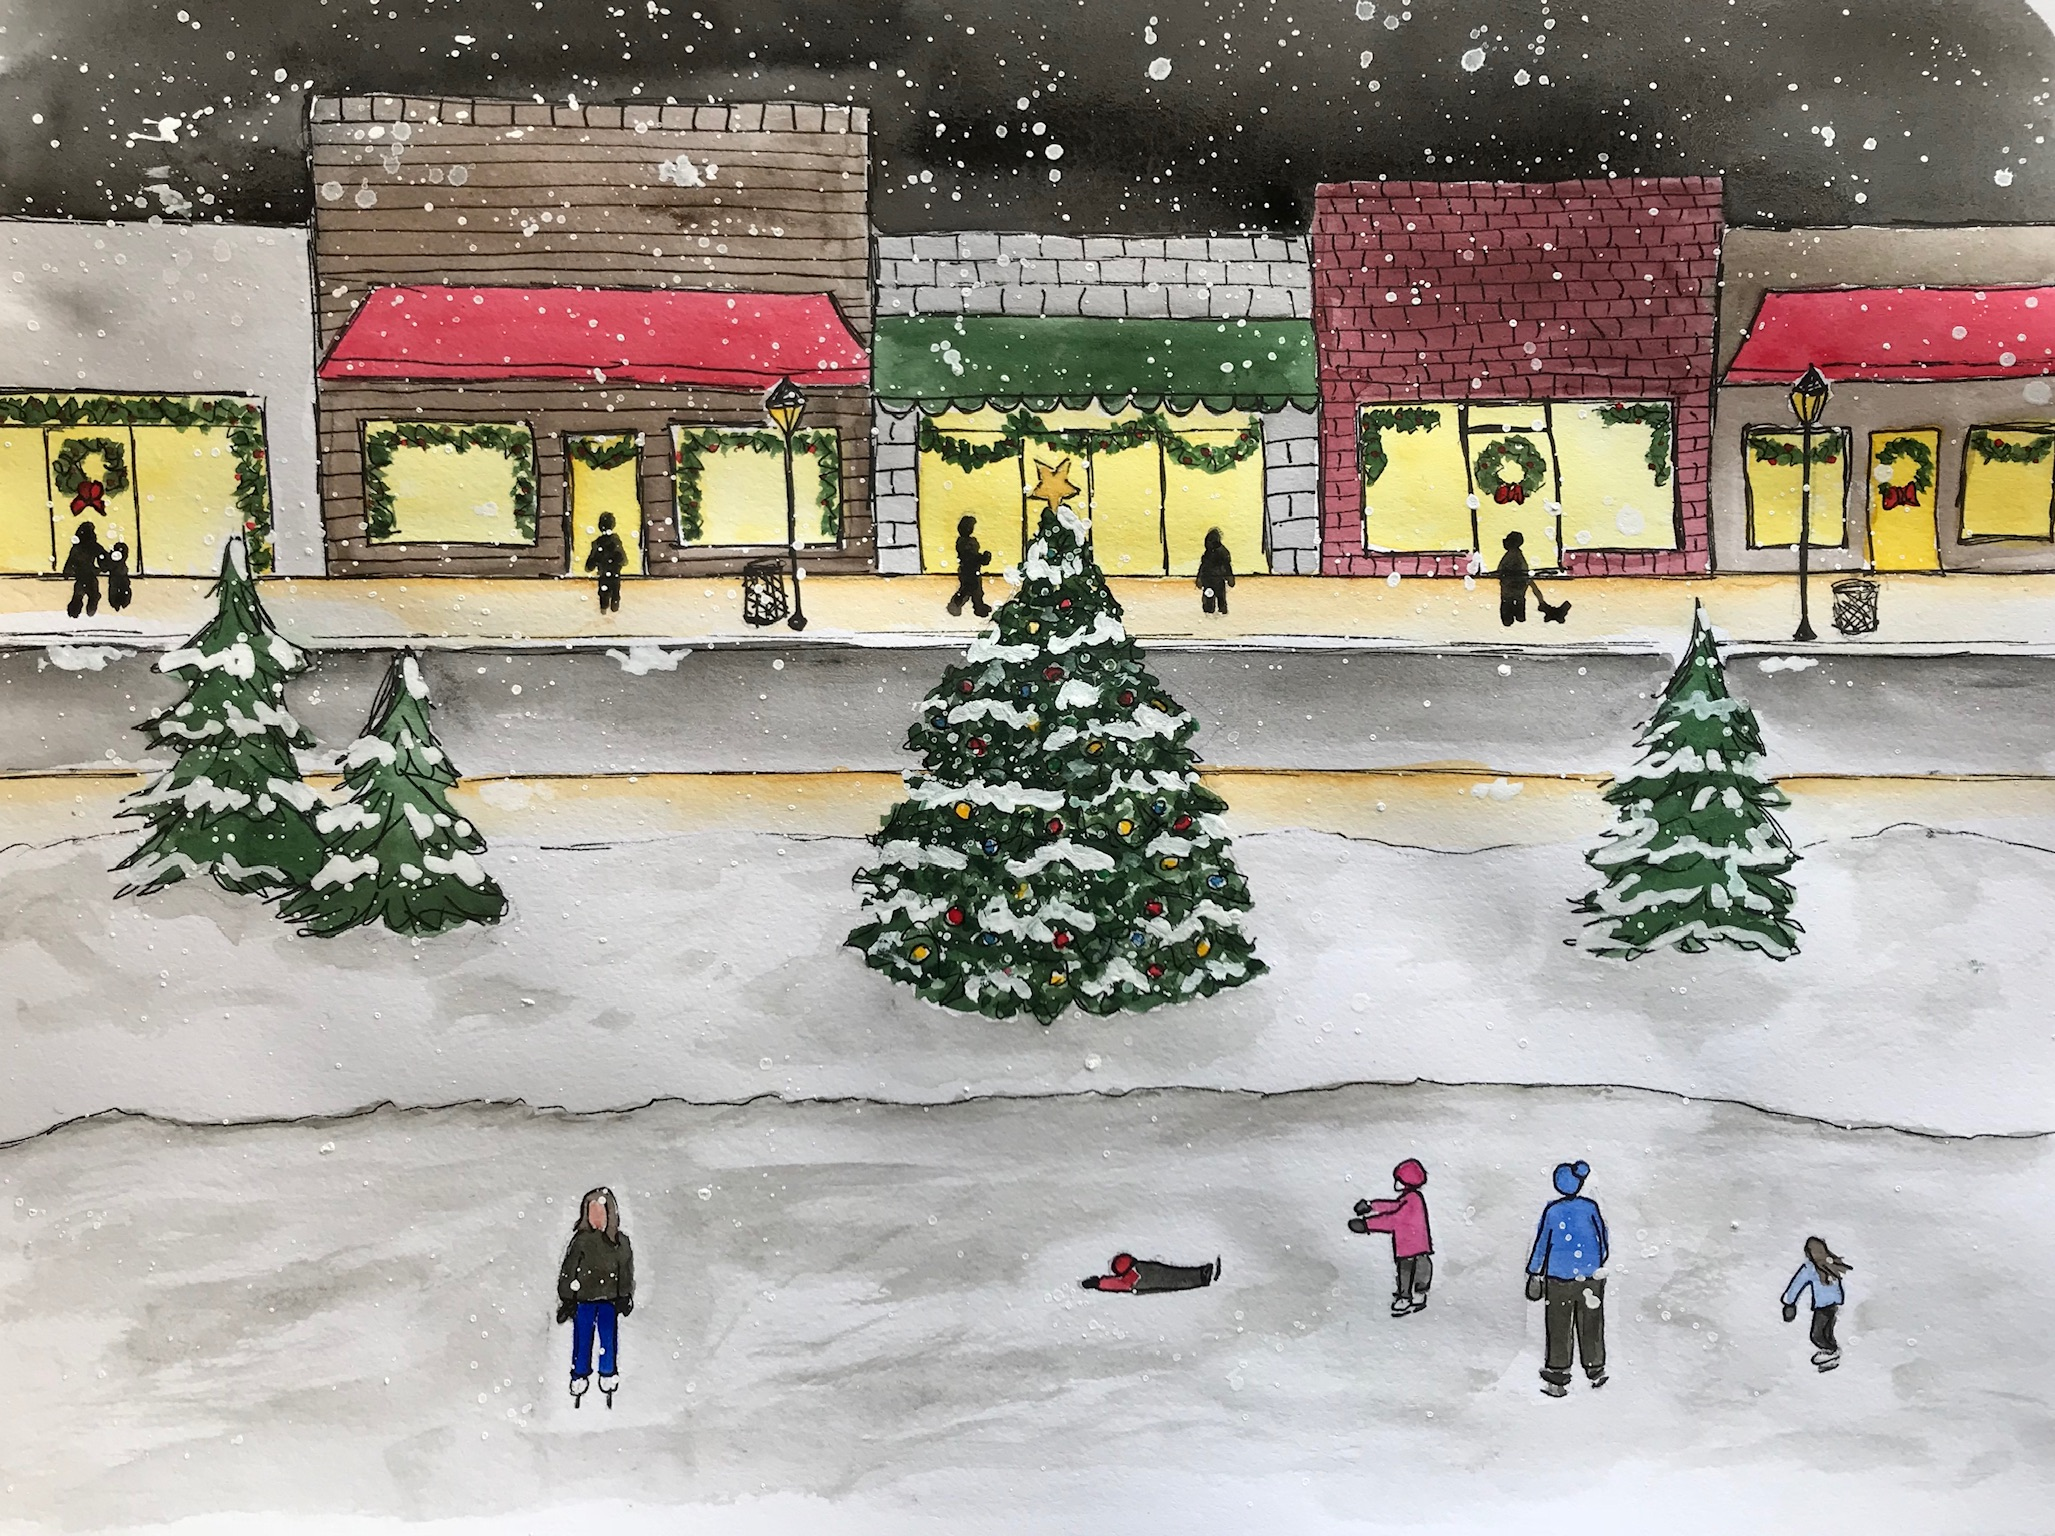 Winter skating scene by Eileen McKenna